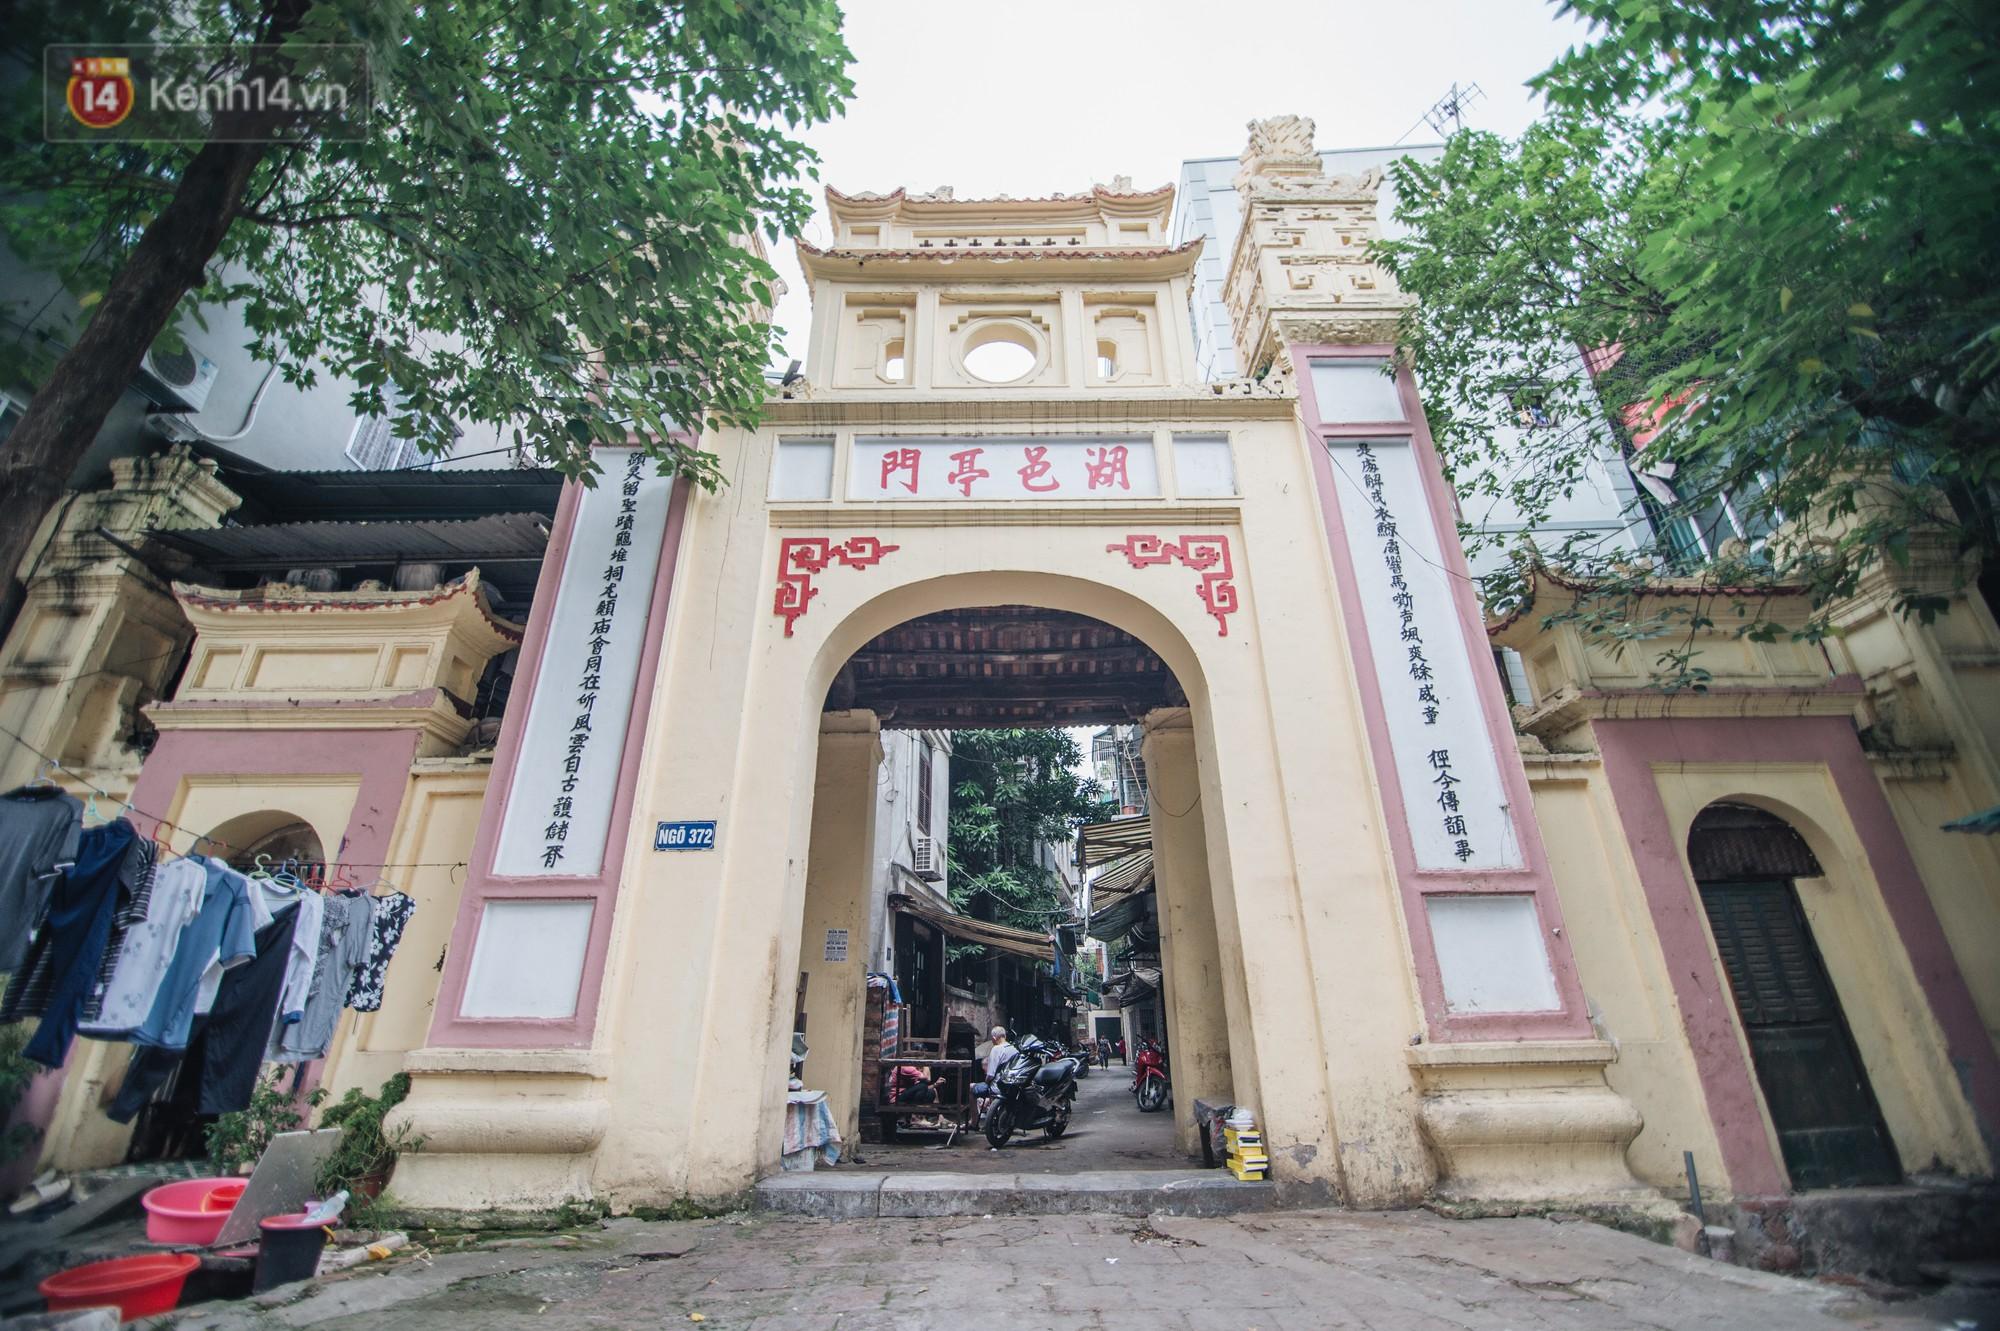 Chuyện về một con phố có nhiều cổng làng nhất Hà Nội: Đưa chân qua cổng phải tôn trọng nếp làng - Ảnh 12.